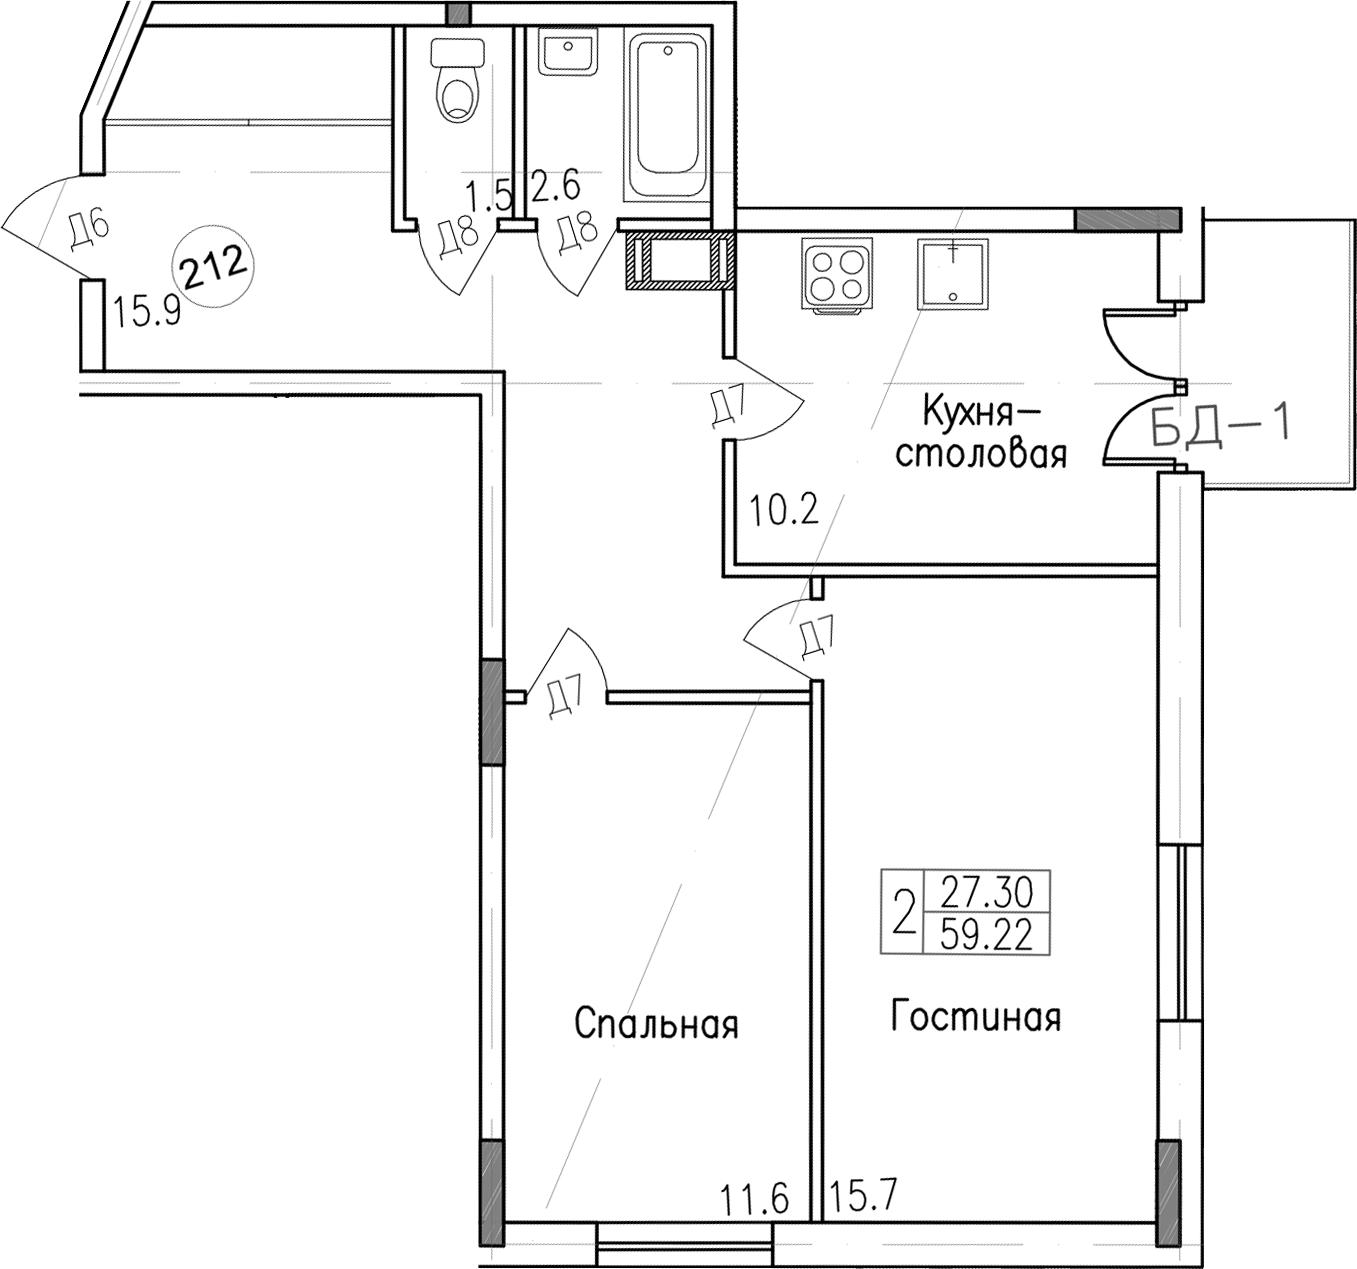 2-комнатная, 59.22 м²– 2